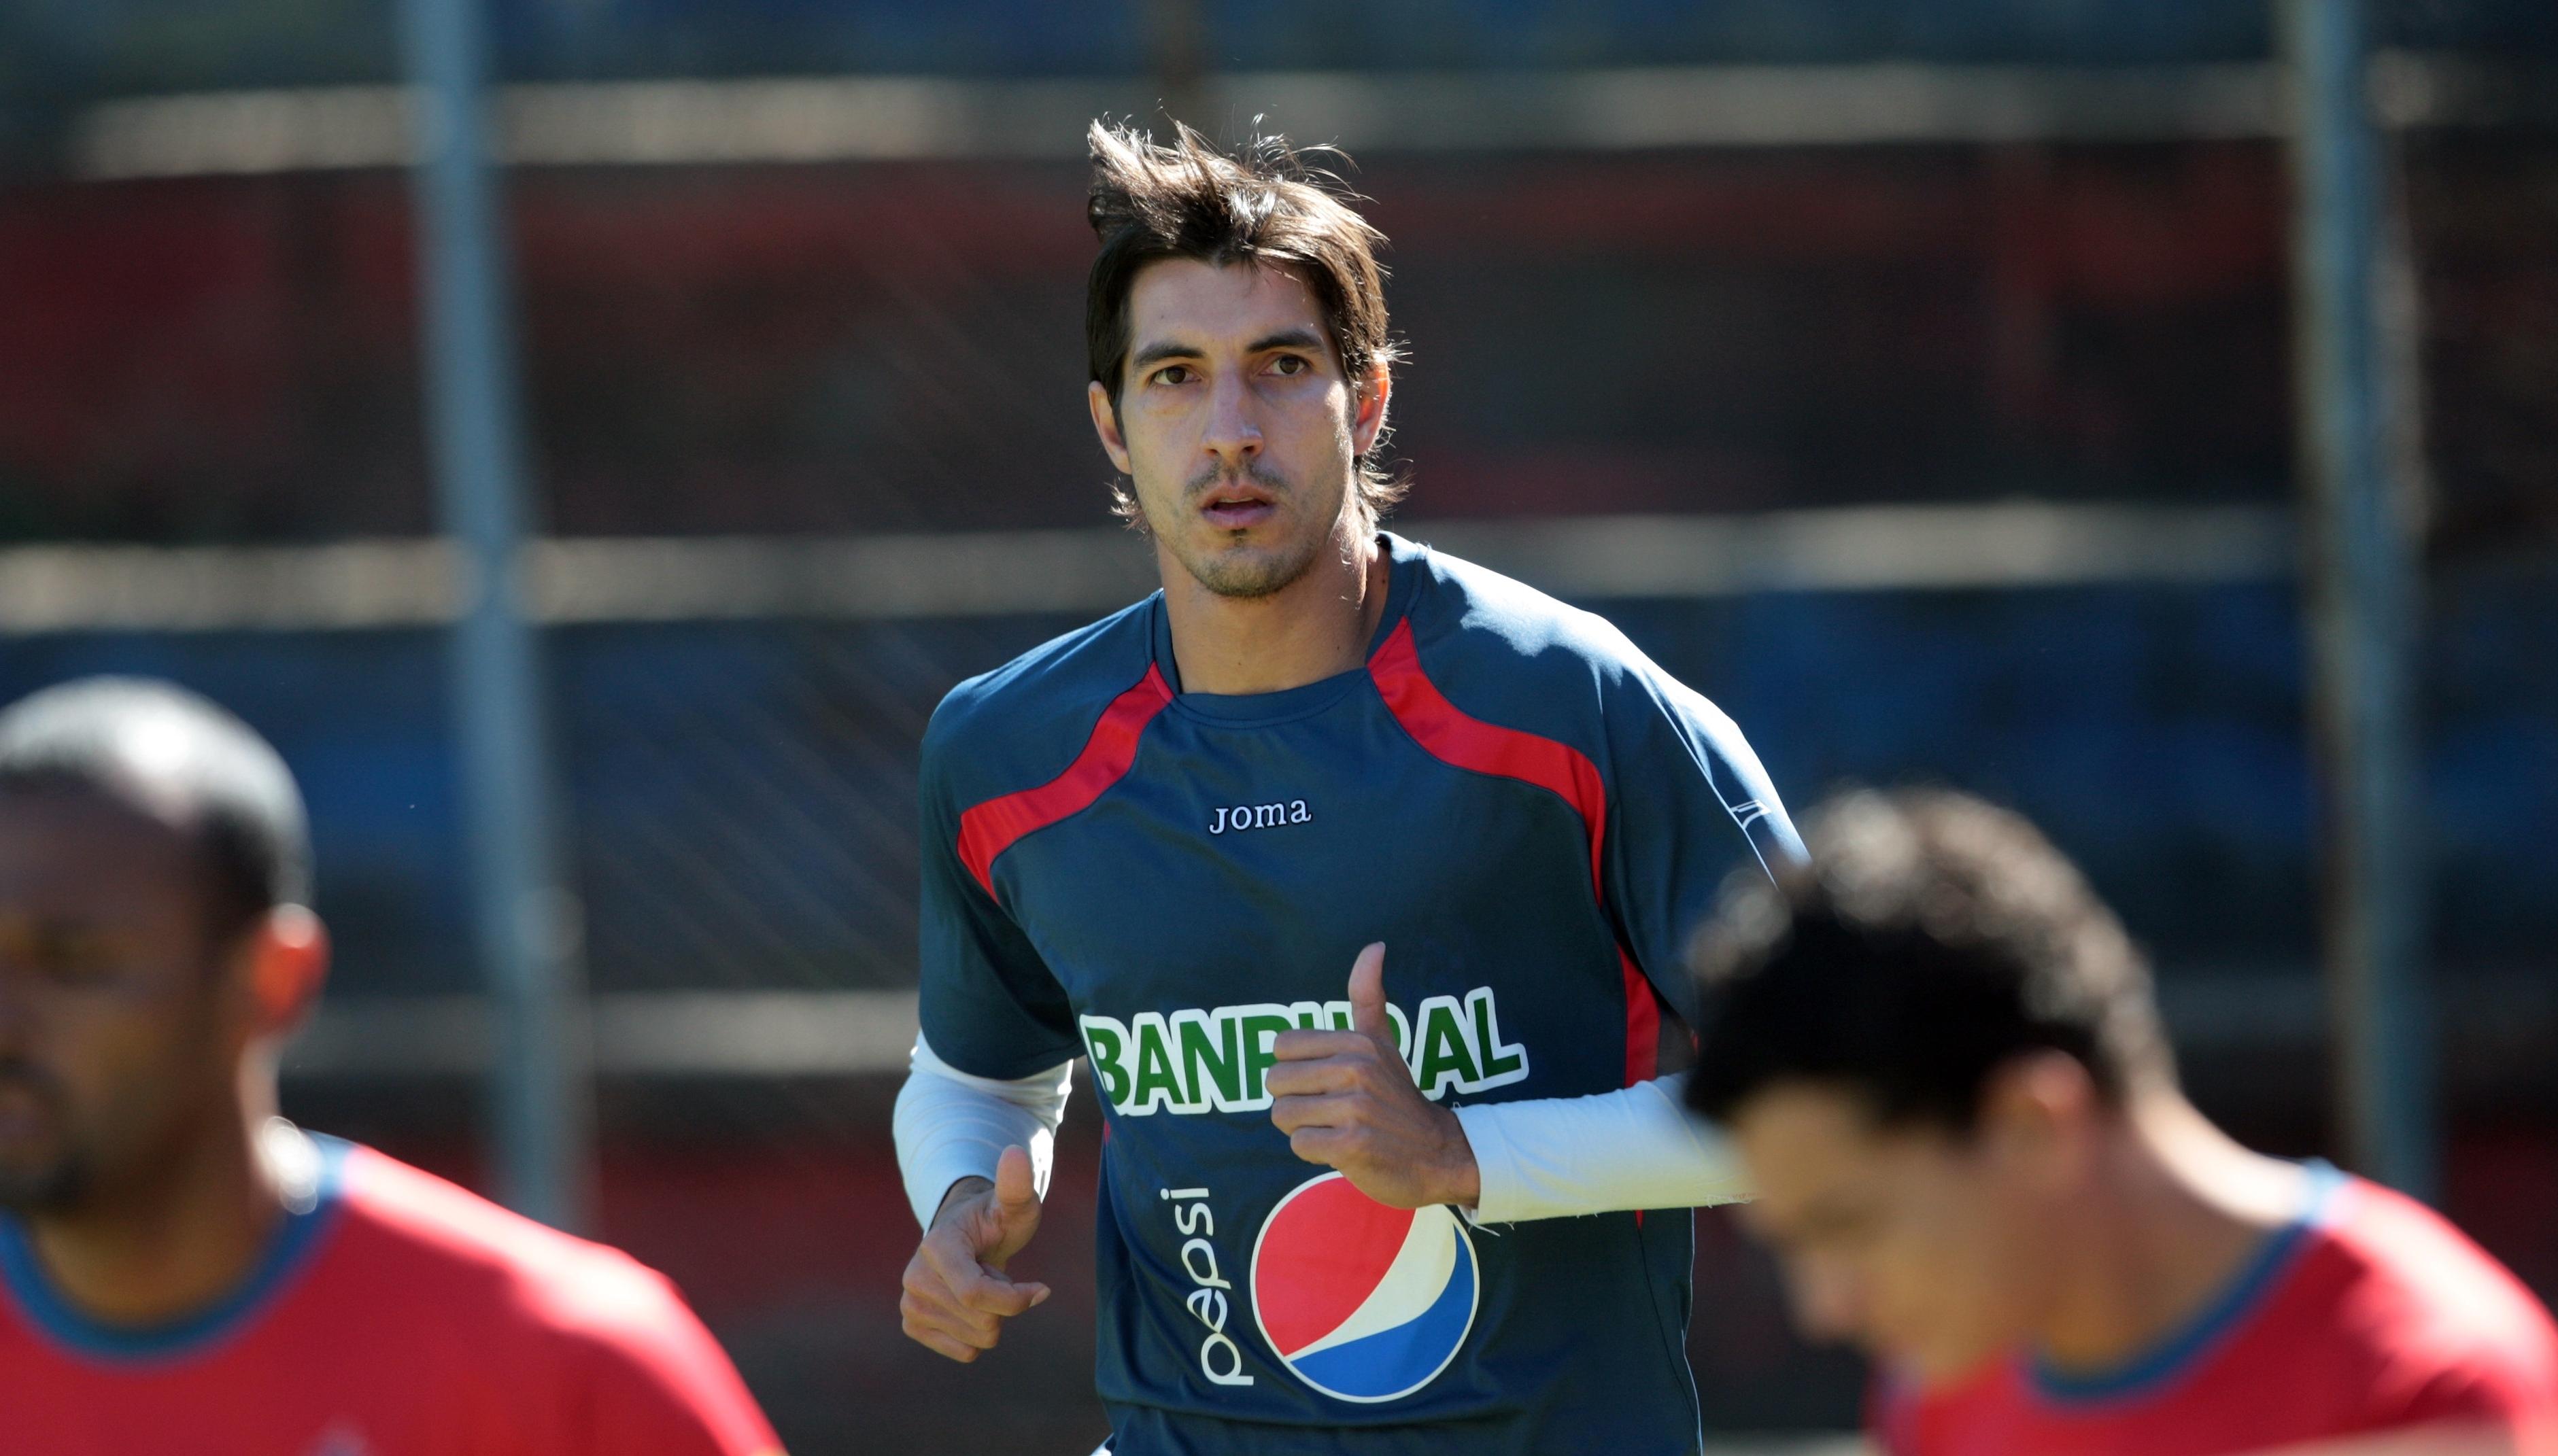 El portero panameño Jaime Penedo anunció su retiro del futbol profesional. (Foto Prensa Libre: Hemeroteca PL)